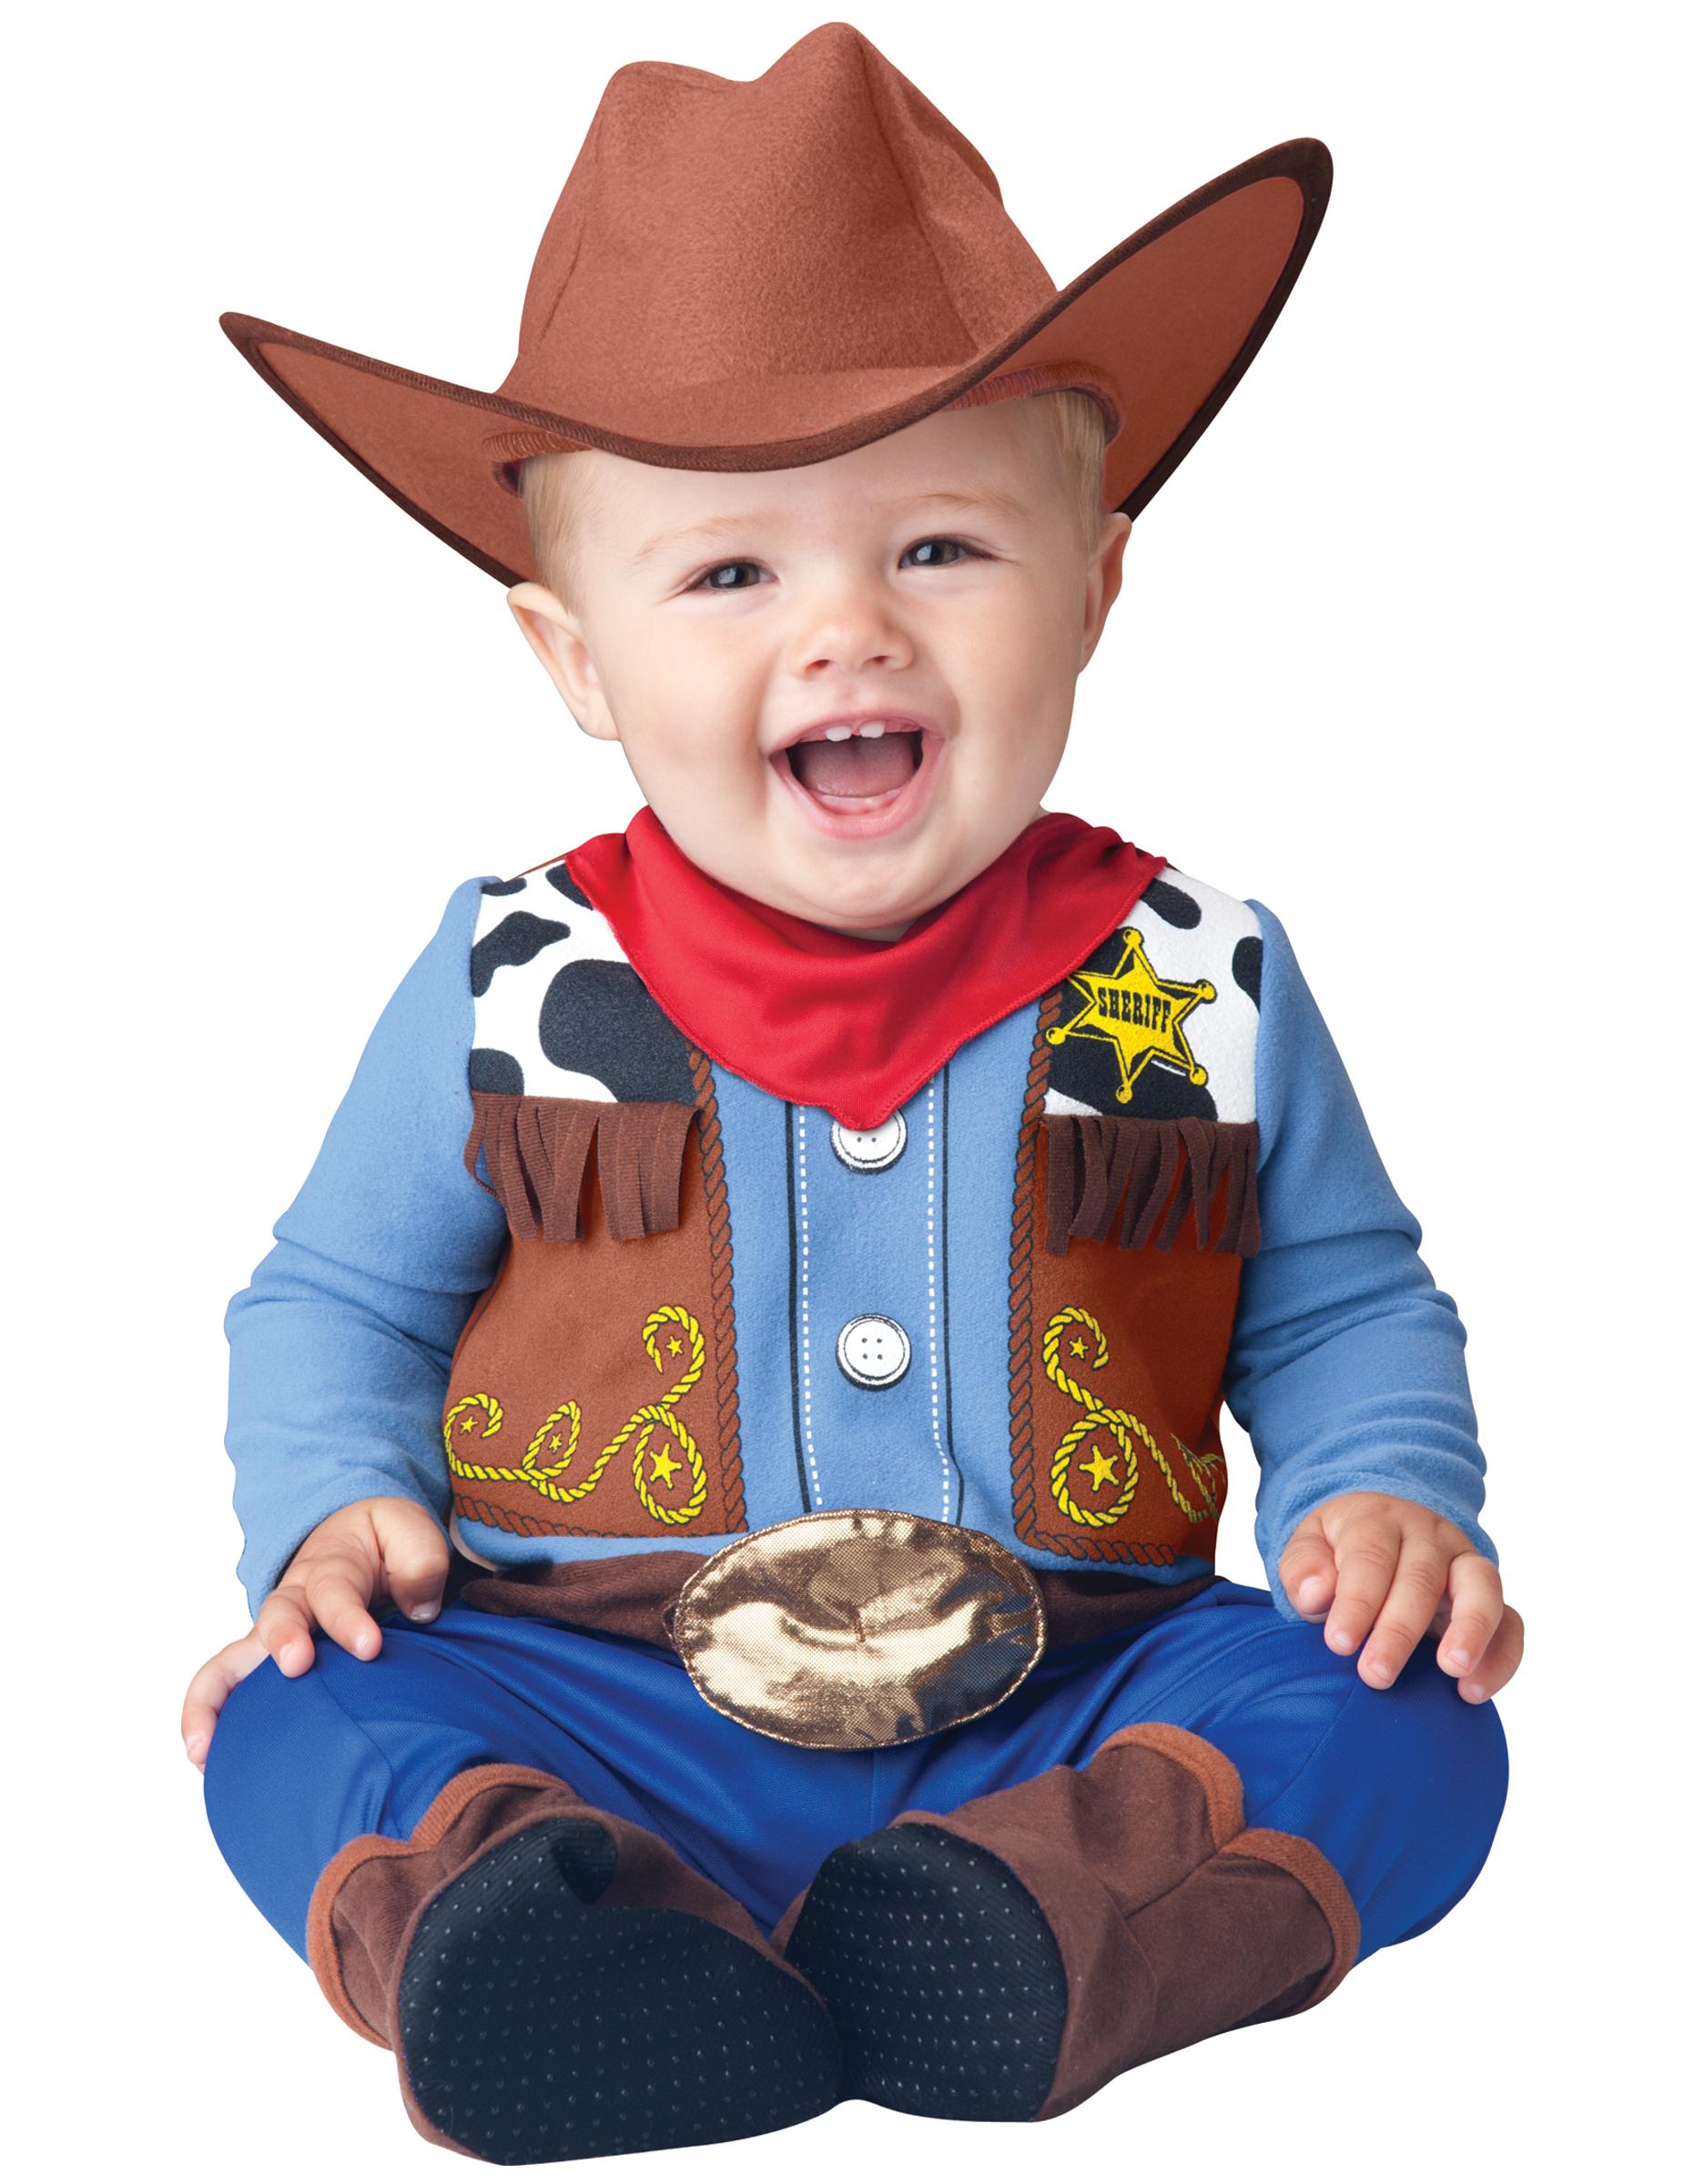 Cowboy Babykostum Kleiner Sheriff Bunt Gunstige Faschings Kostume